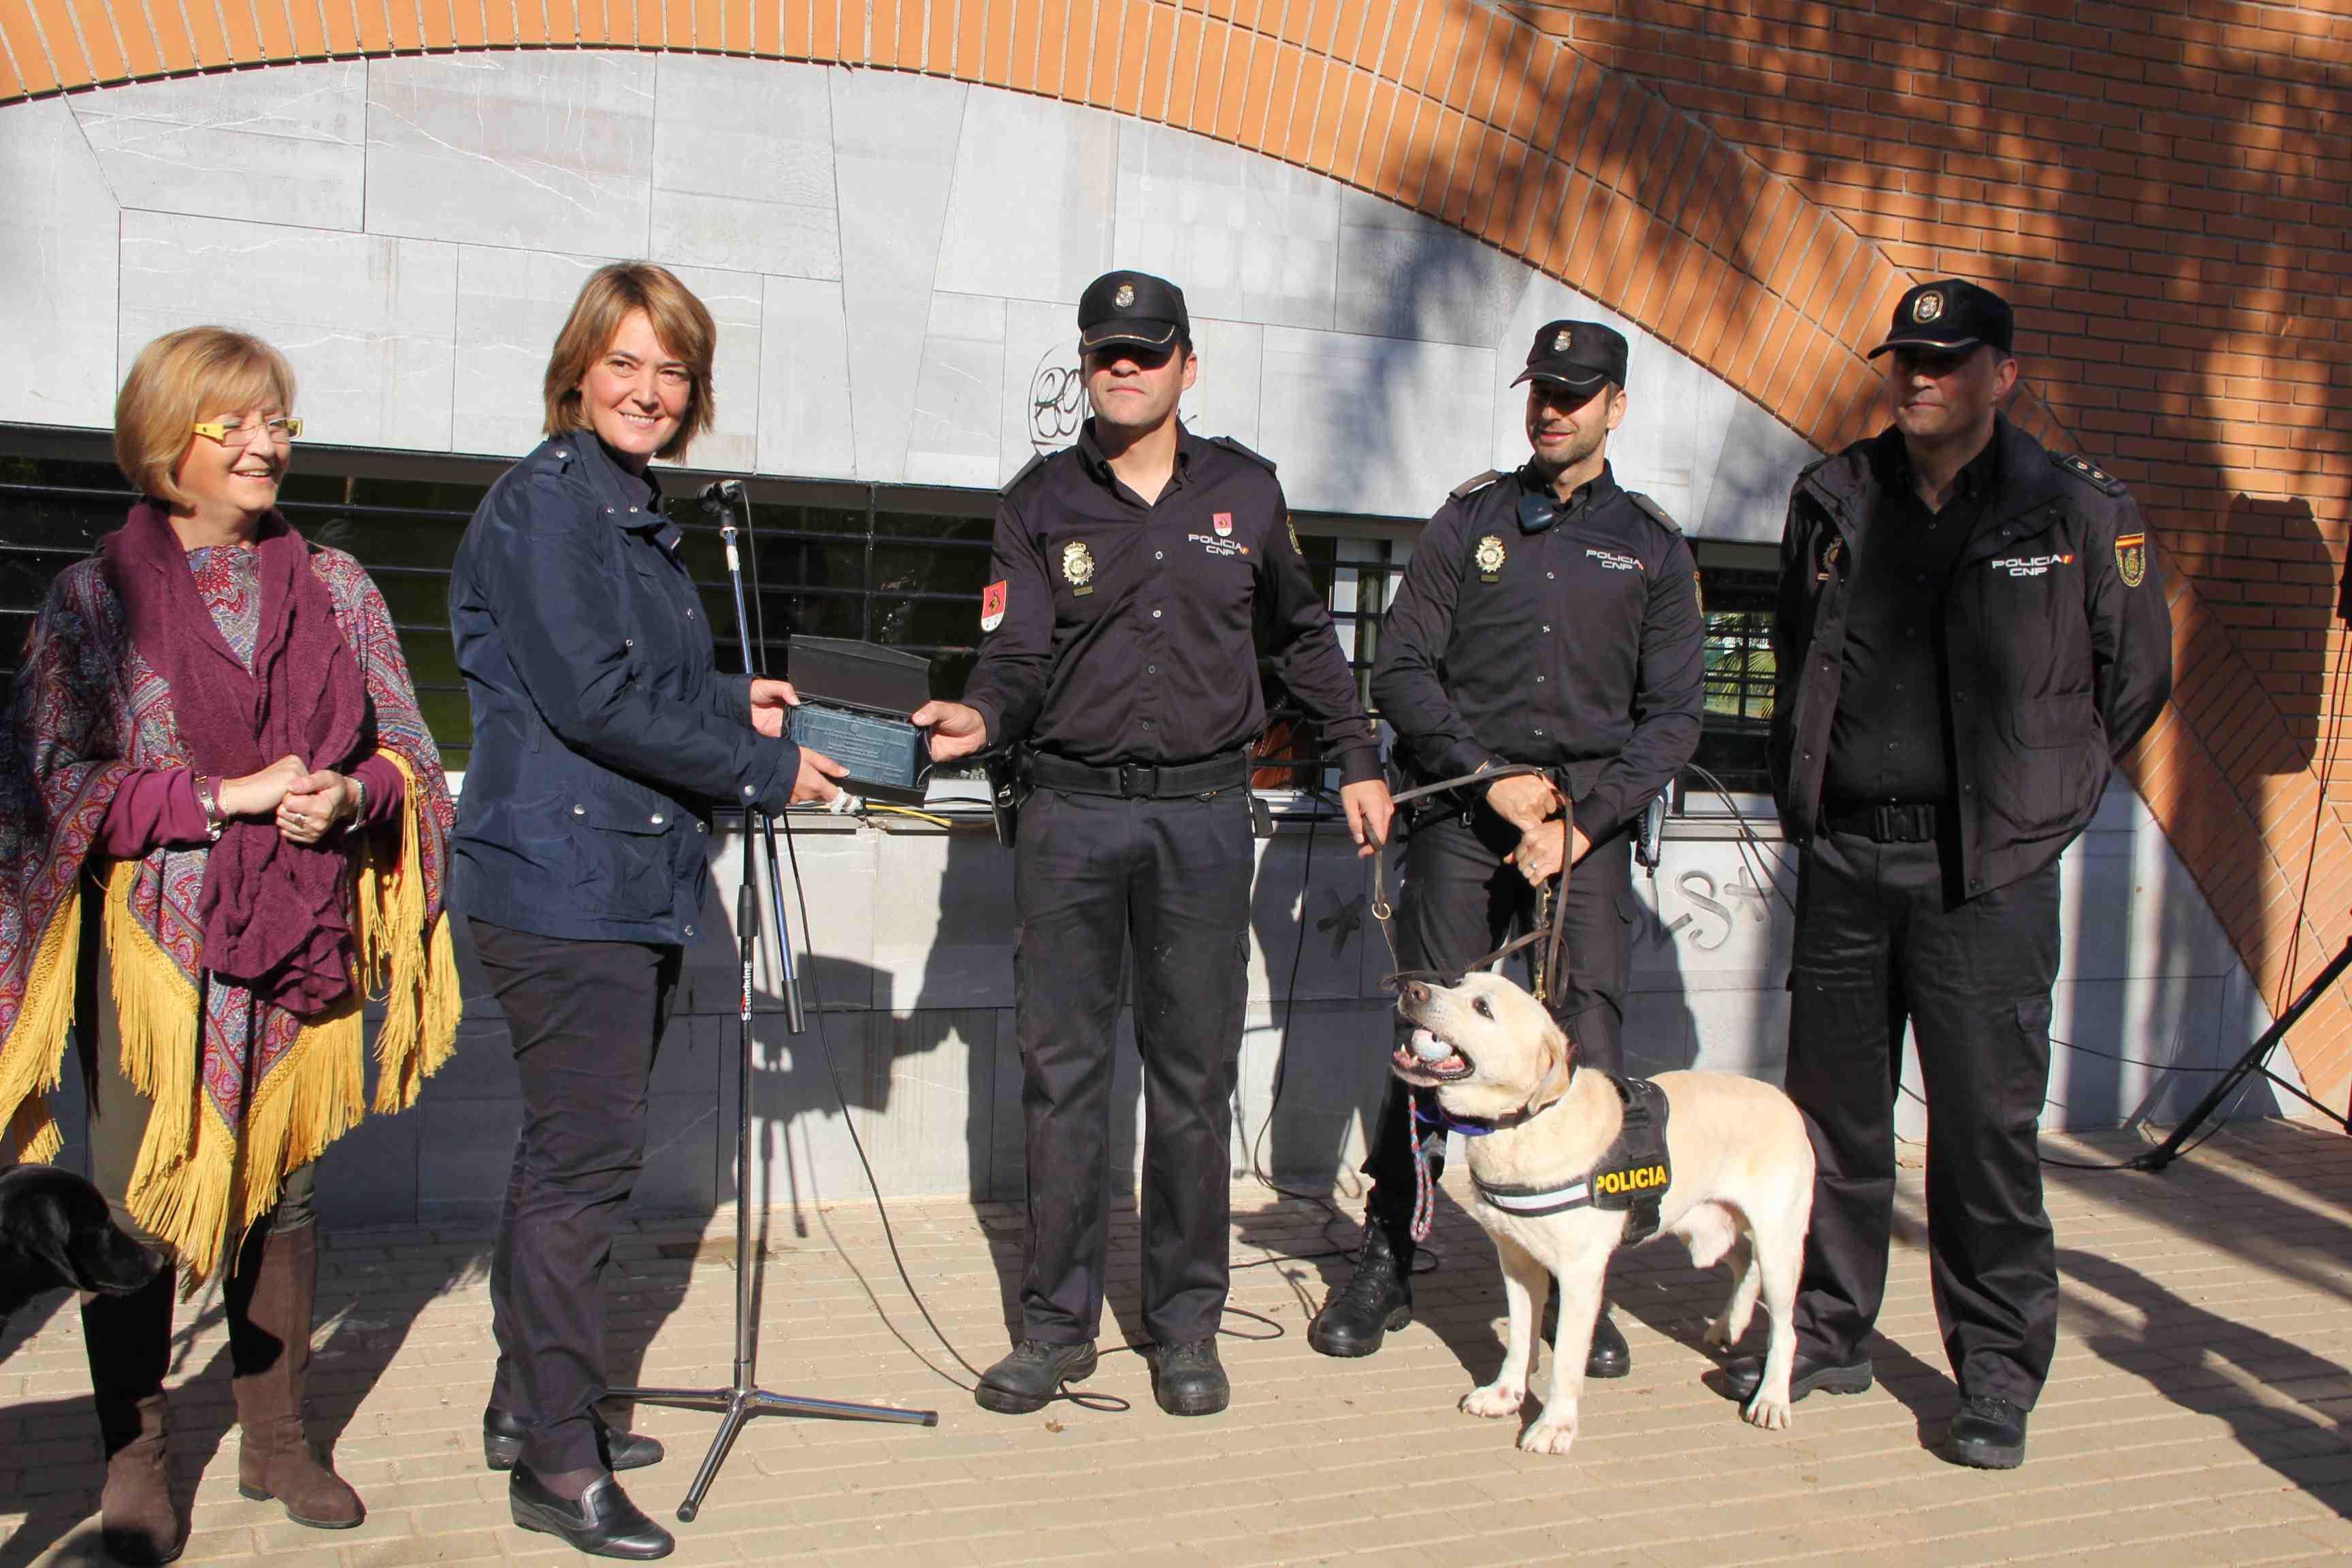 Placa a UEGC Policia Nacional